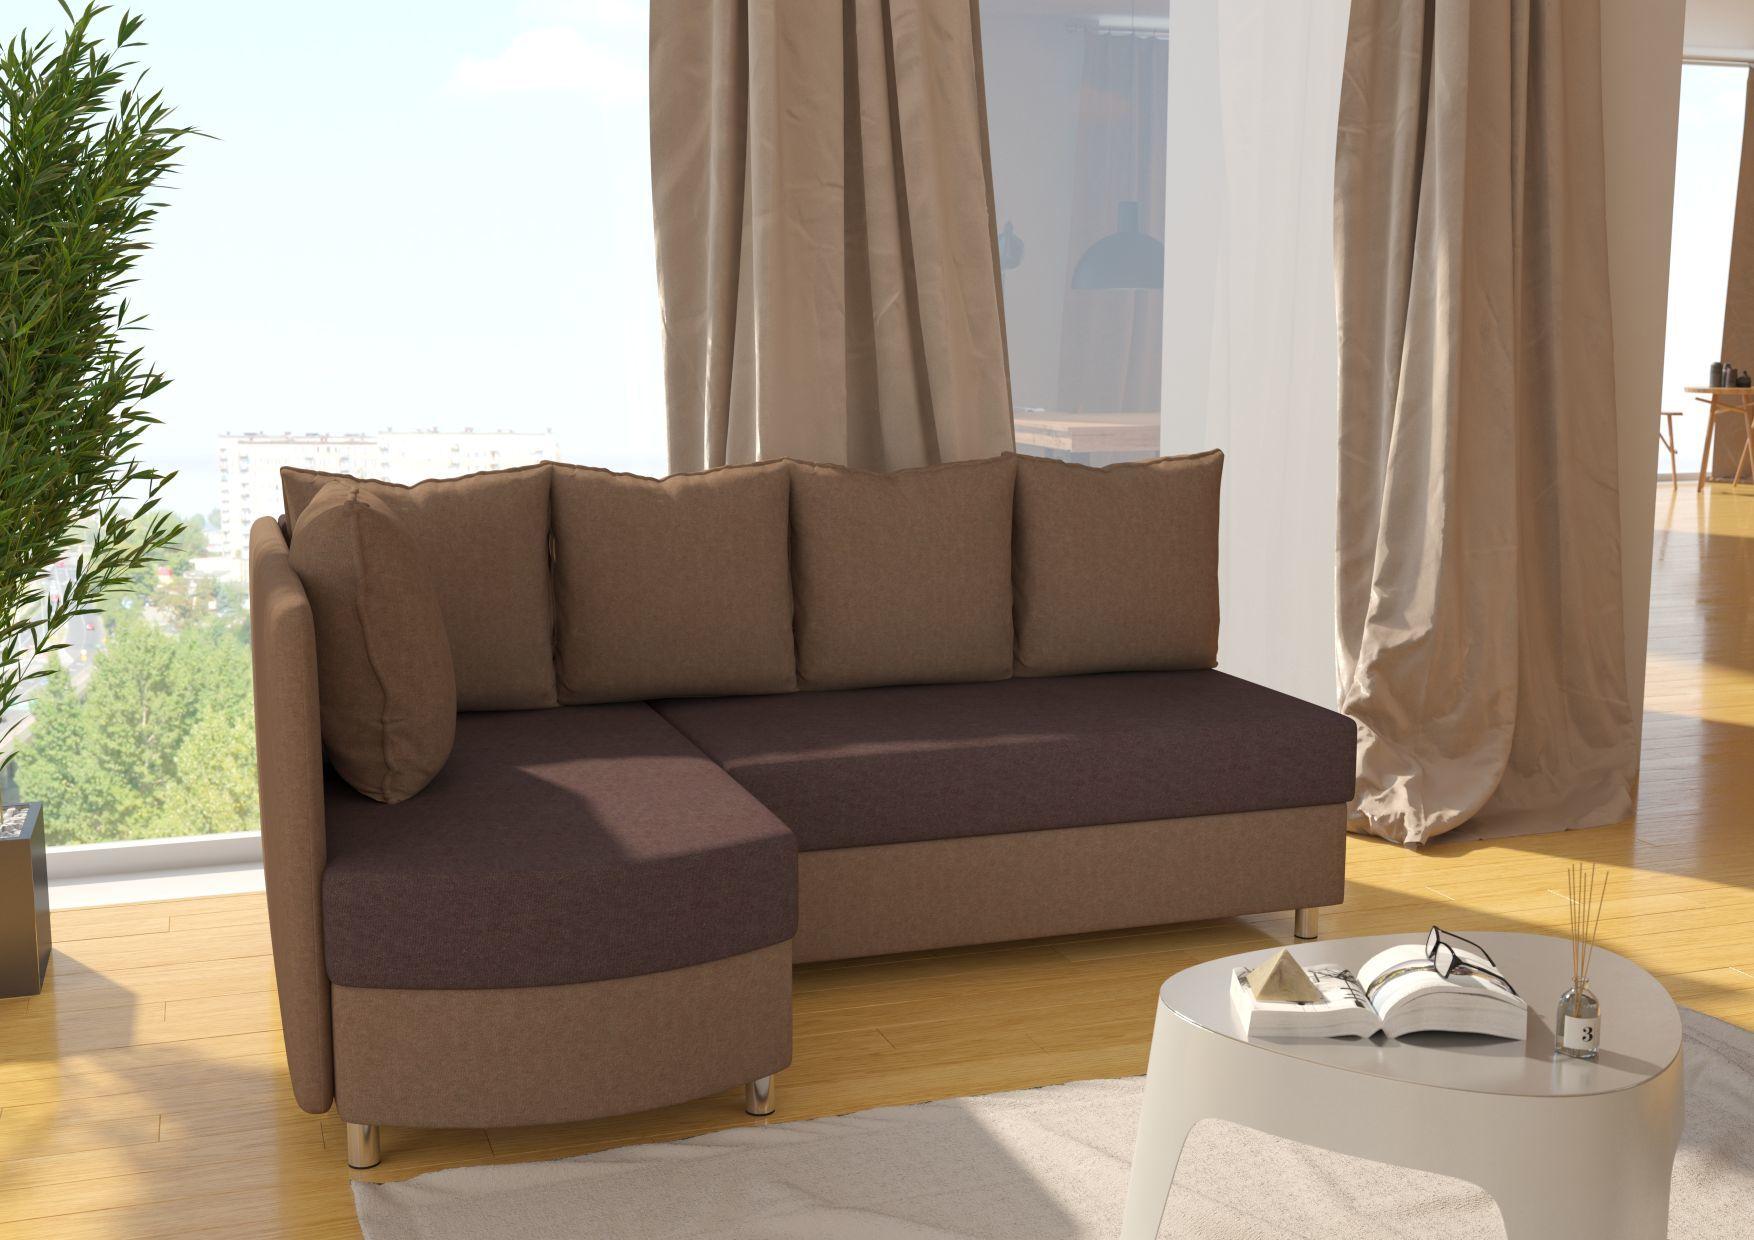 Narożnik NIKO ST producent rozkładany oparcie sofa